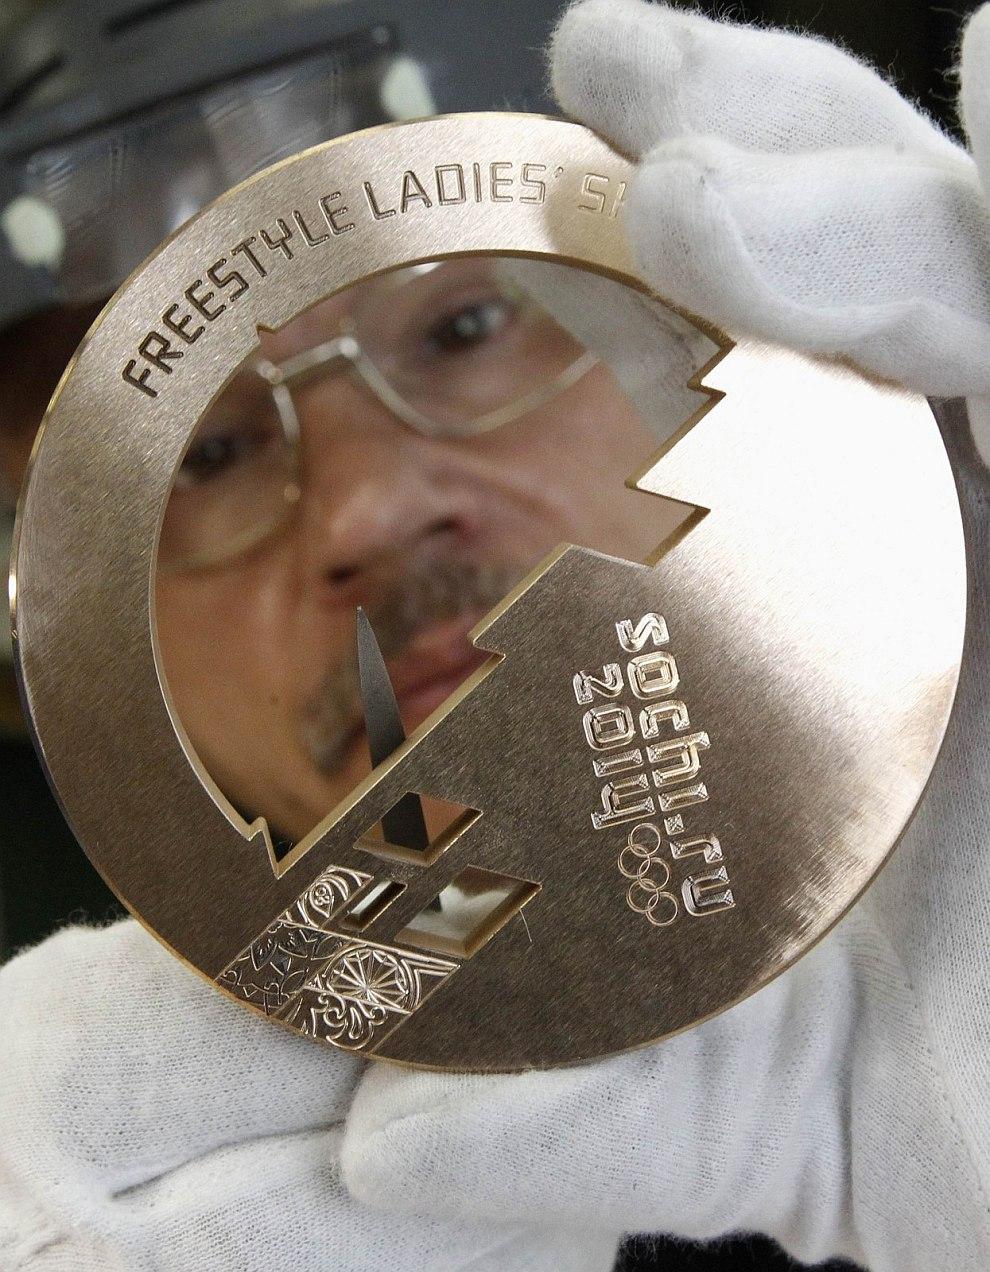 Изготовление награды для Паралимпийских игр занимает 20 часов, т.е. на 2 часа больше